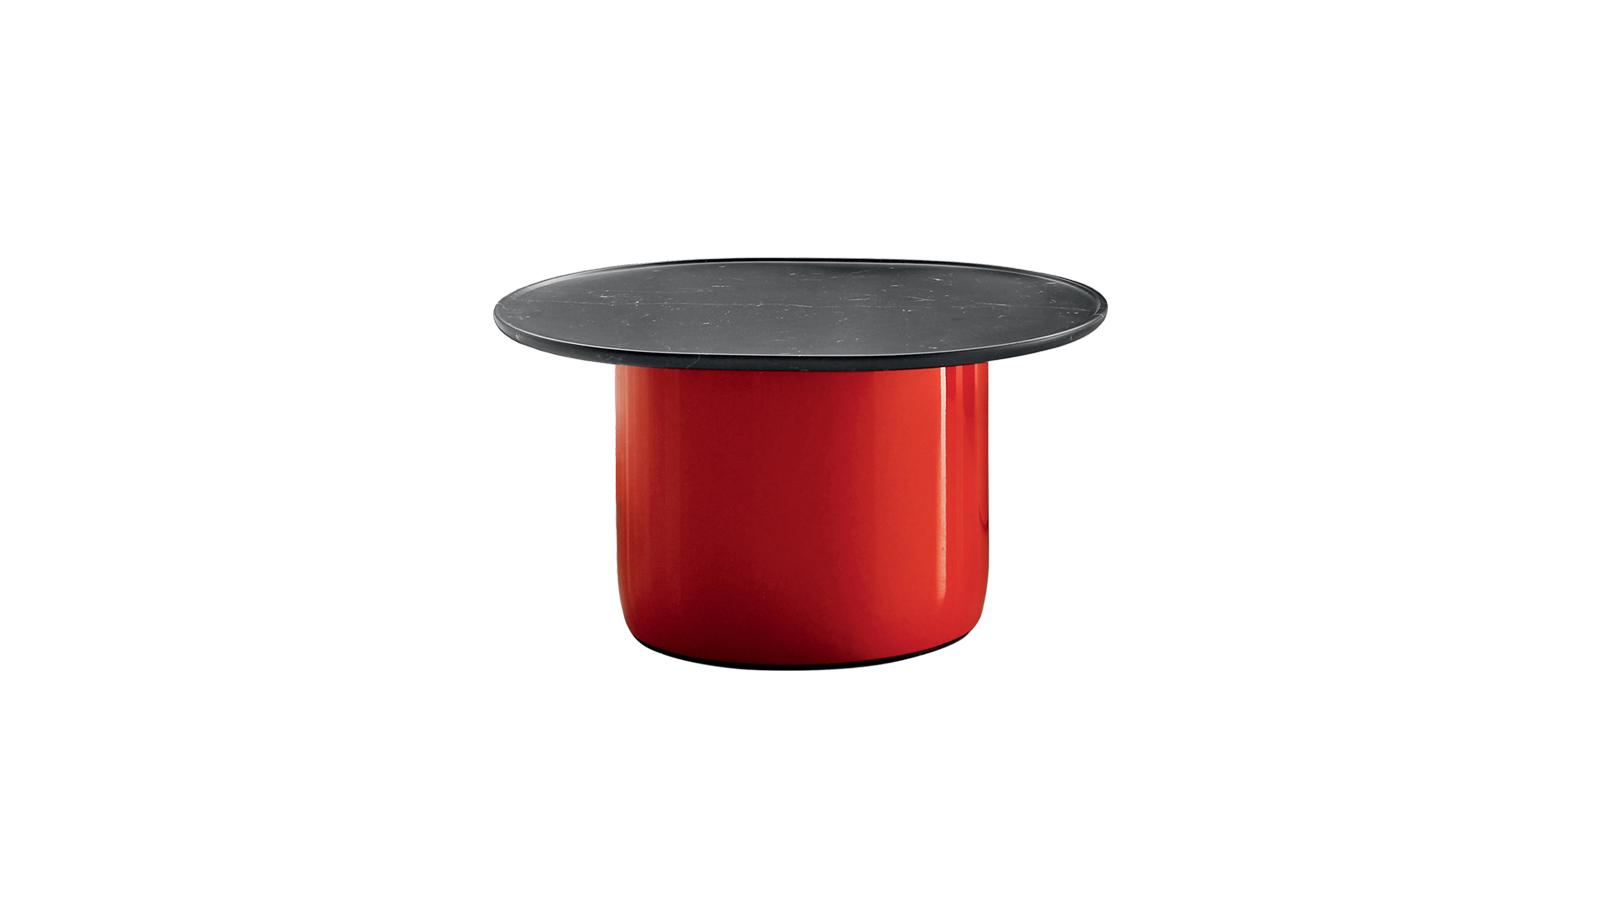 A Button asztal bár első ránézésre egy végtelenül egyszerű bútor, formailag és funkcionálisan is igen komplex. Szokatlan anyag- és színkombinációnak köszönhetően tűnik a bútor egyszerre lágynak és merevnek, szigorúan geometrikusnak és finom vonalvezetésűnek. A lakkozott hengerlábak alul lekerekítettek, hogy oldják a szigorú rendet, az asztallap pedig íveltsége ellenére a vékonyan magasított széleknek köszönhetően éles vonalakat eredményez. A londoni tervezőpáros, Barber & Osgerby stílusjegyei még egy ilyen, látszólag egyszerű darabban is felismerhetőek.